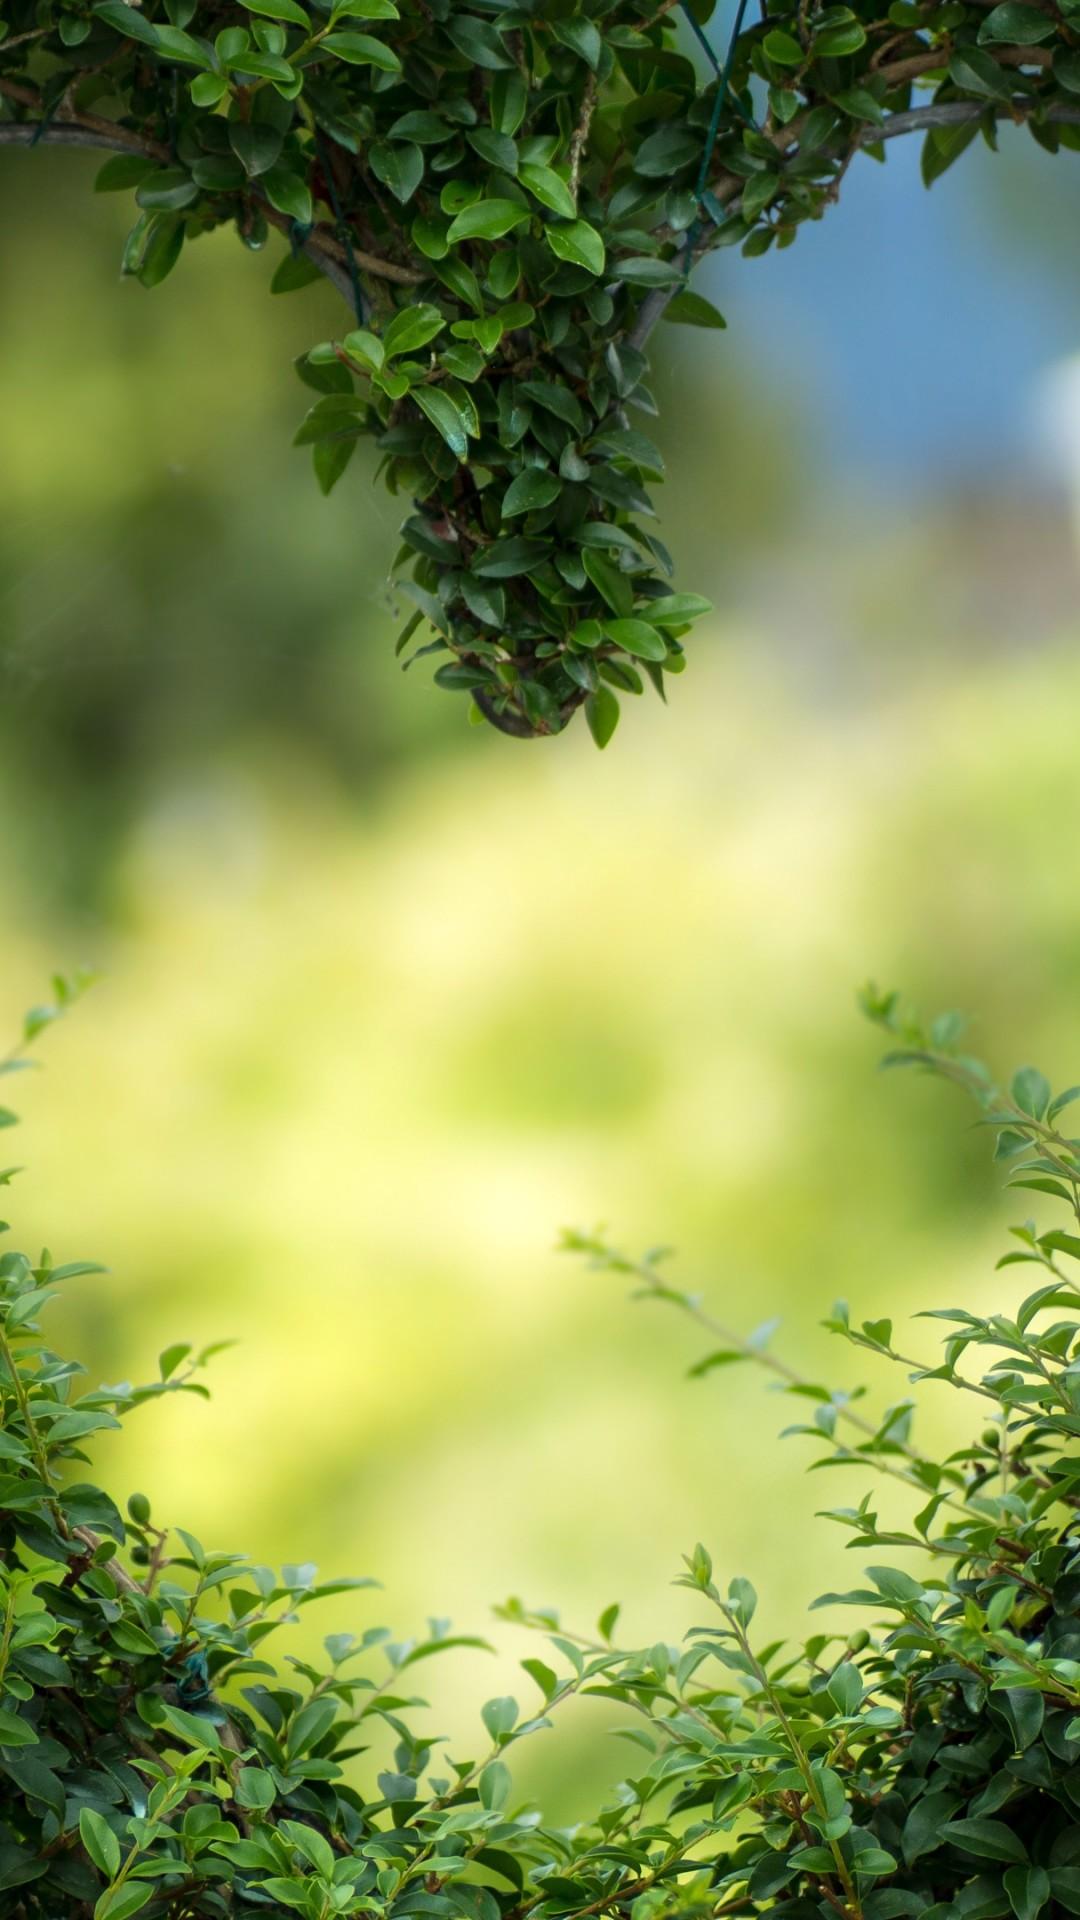 Wallpaper Heart 4k Hd Wallpaper Green Leaves Bush